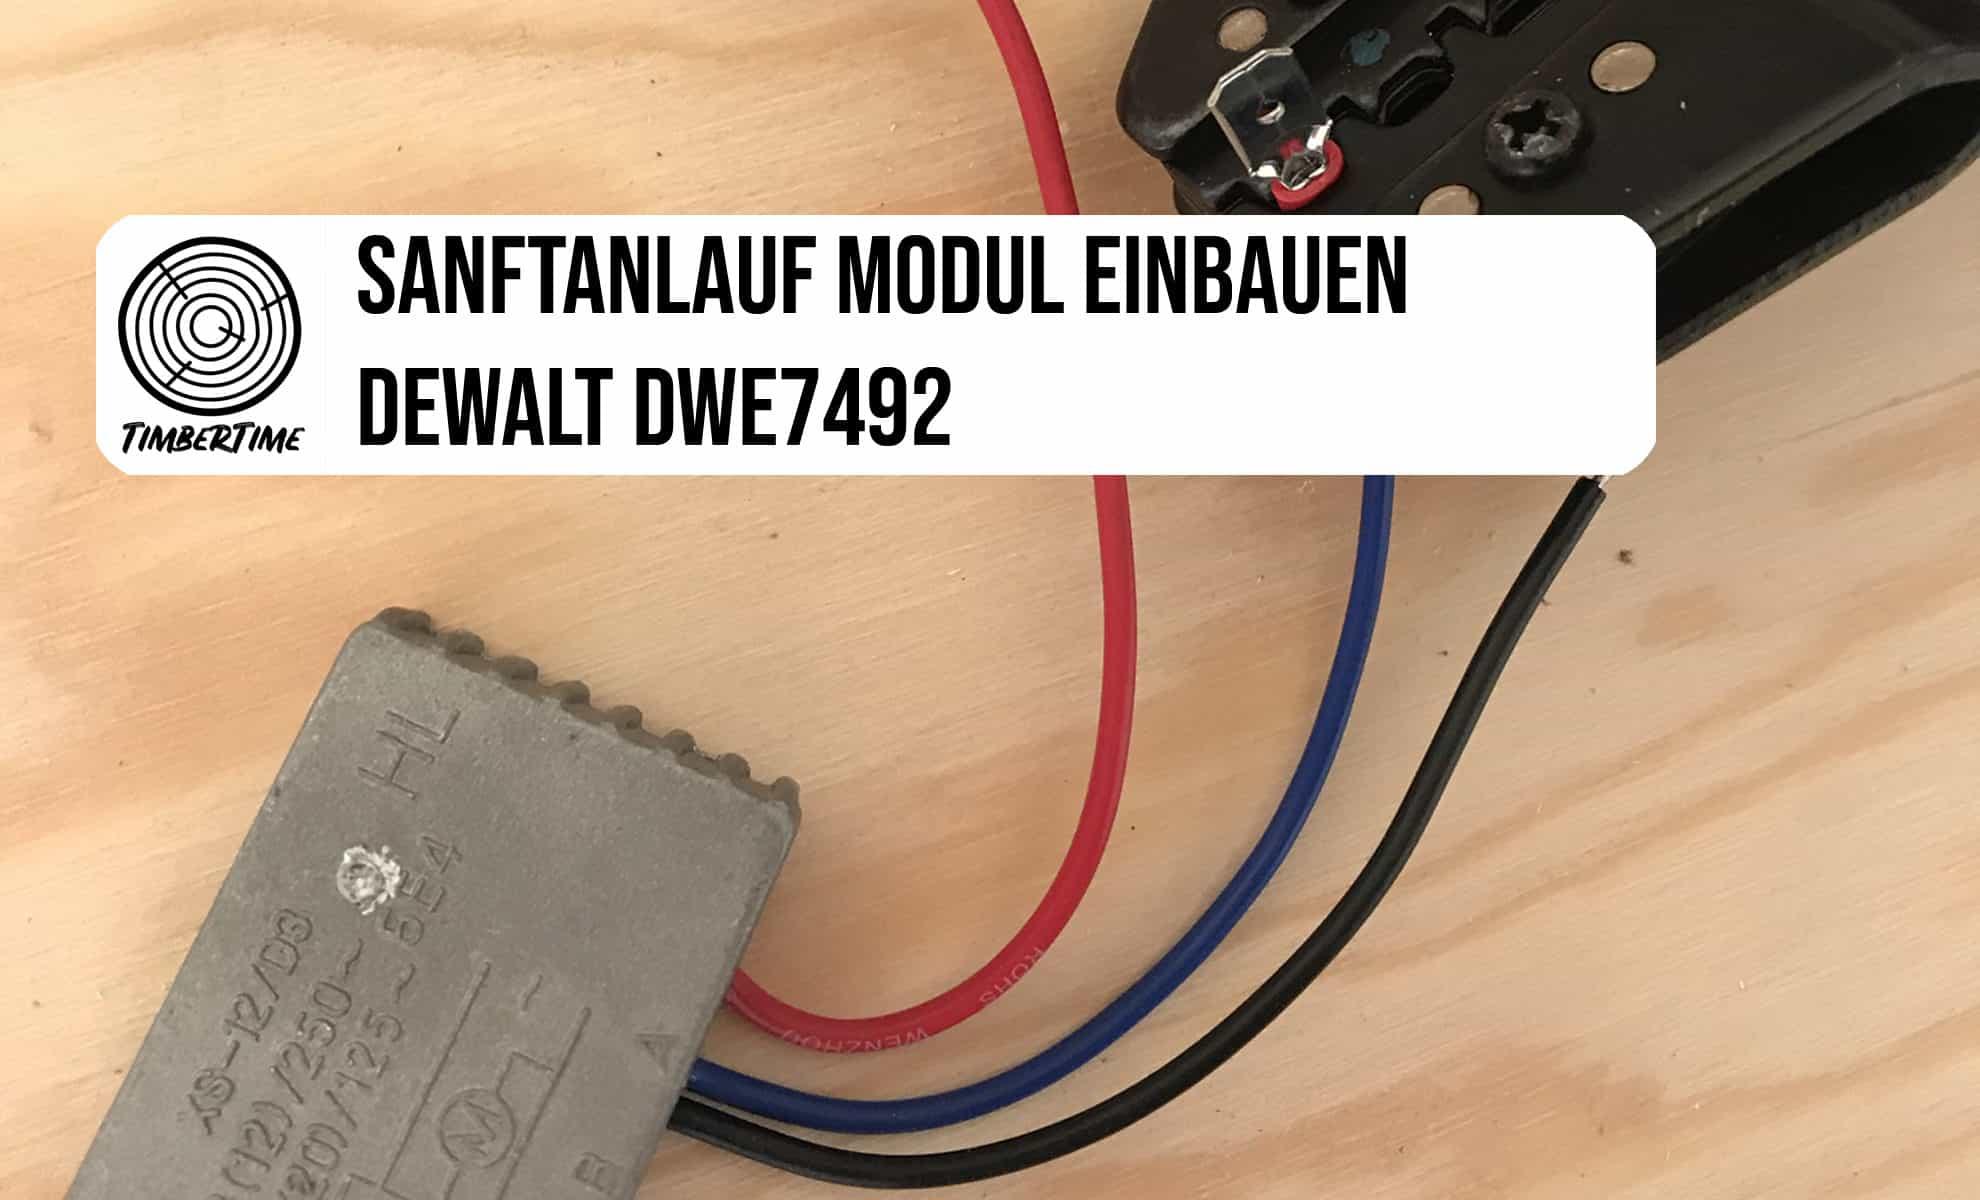 dewalt dwe 7492 soft start Modul einbauen